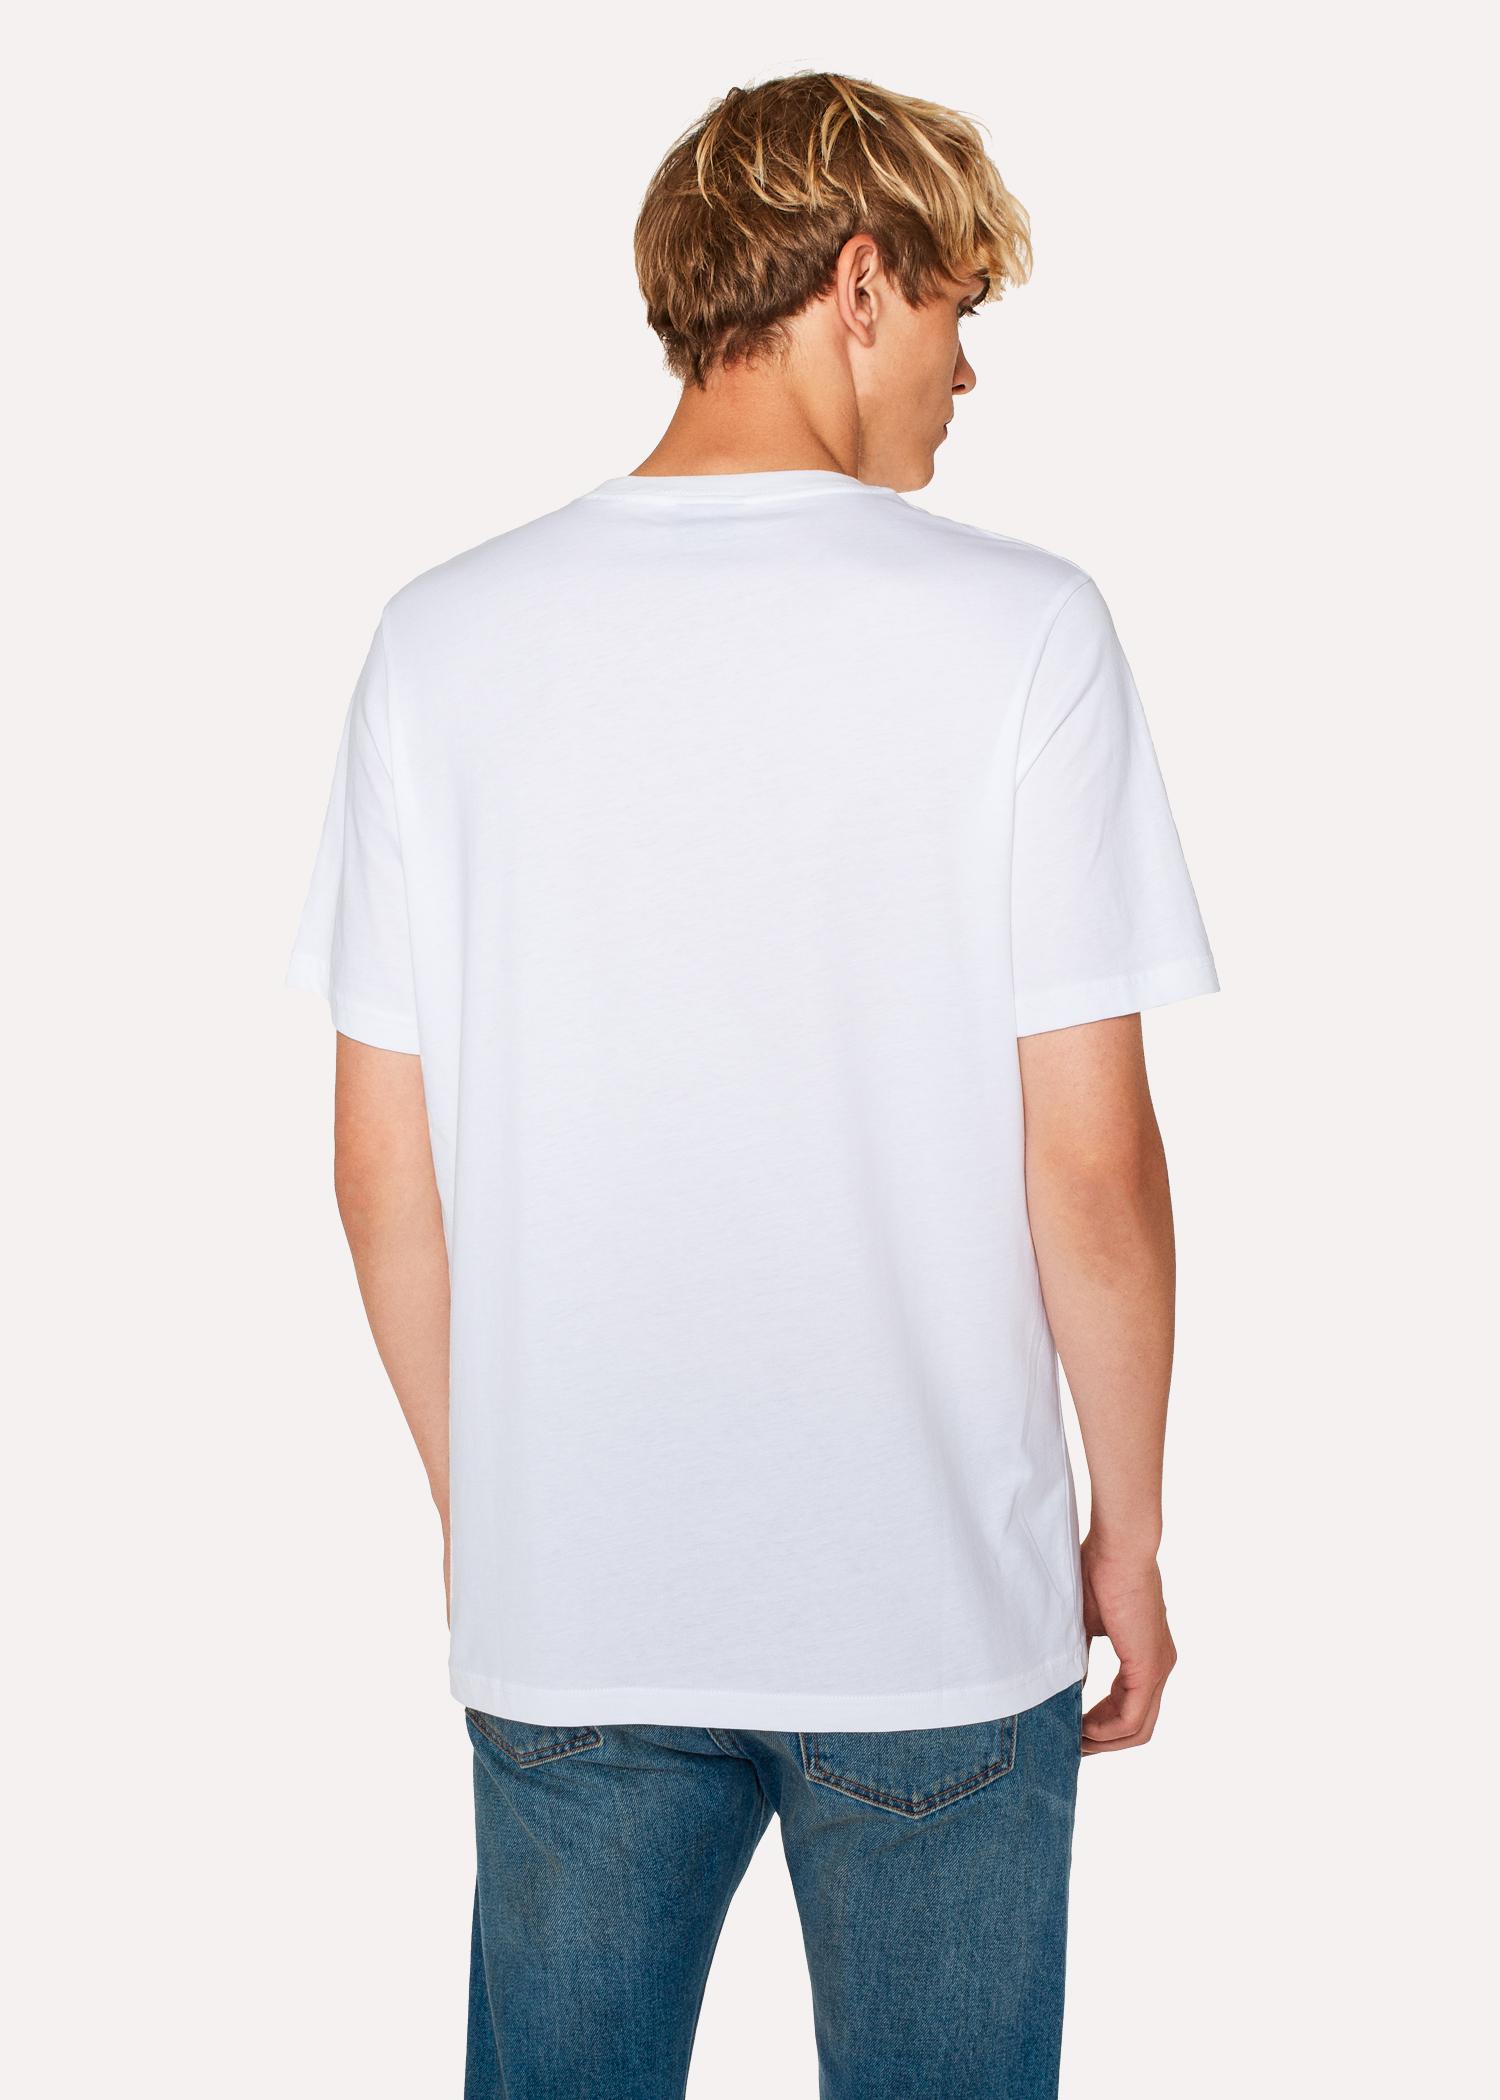 Tee Photographique Shirt En Homme Blanc Imprimé Coton Bio 'ufo' 4ARLq3j5